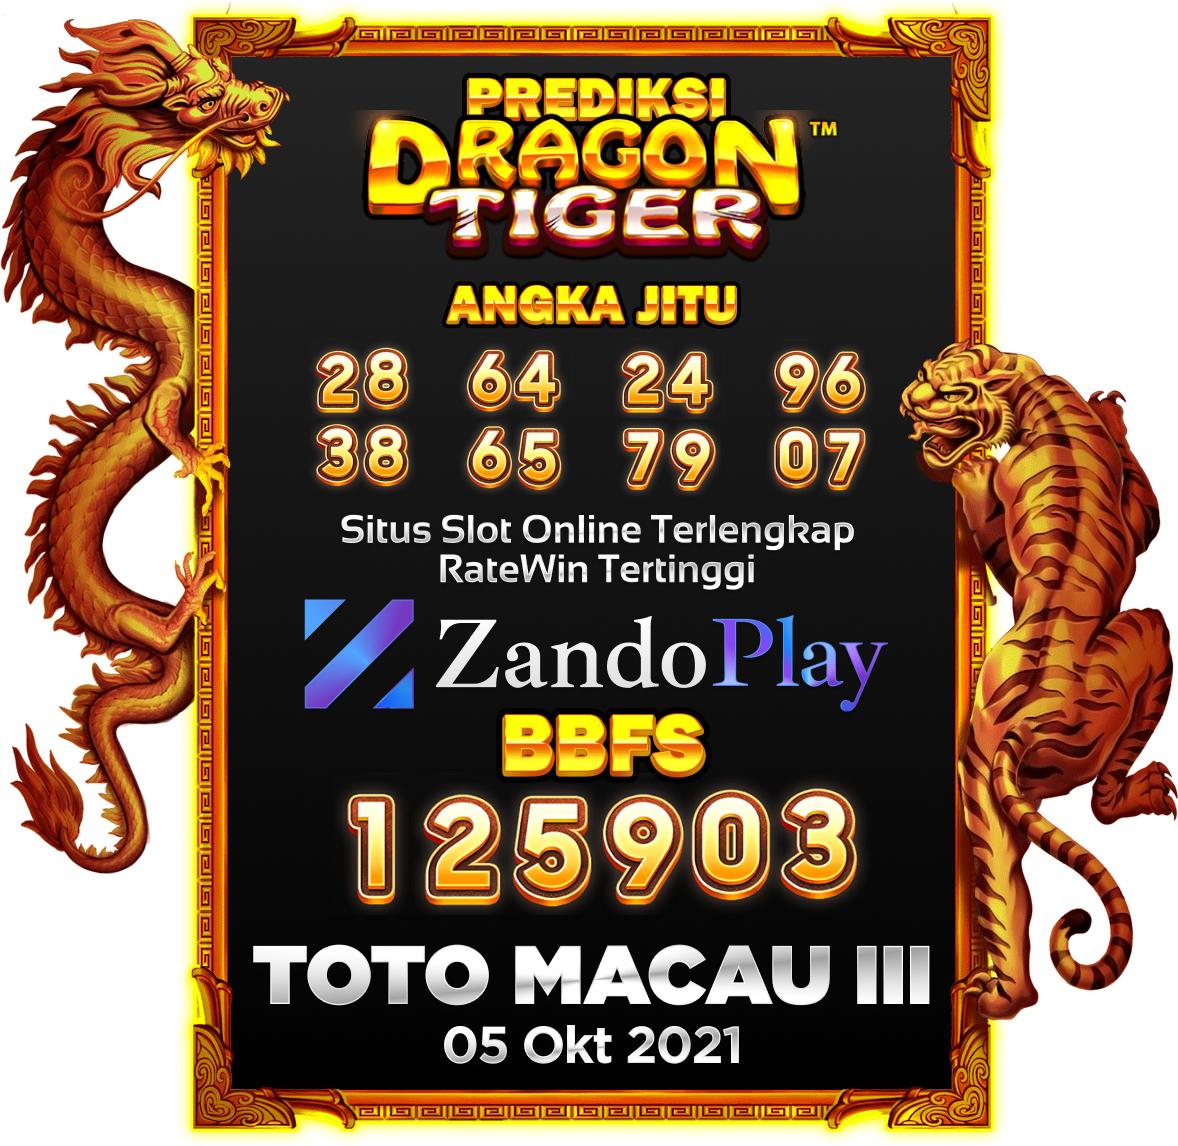 Prediksi Togel Dragon Tiger